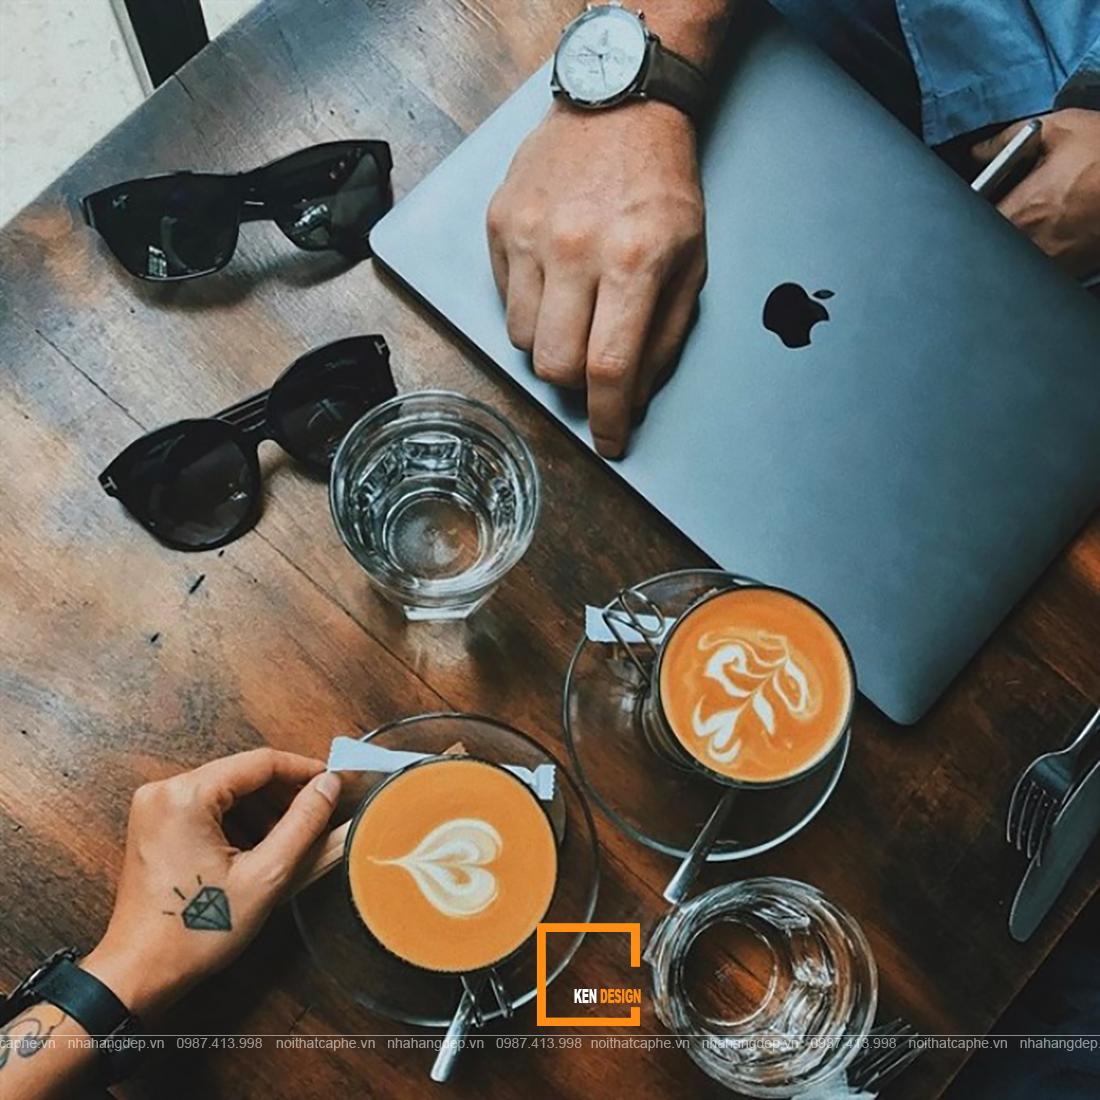 Gợi ý các phong cách thiết kế quán cafe văn phòng chiếm trọn cảm tình công sở